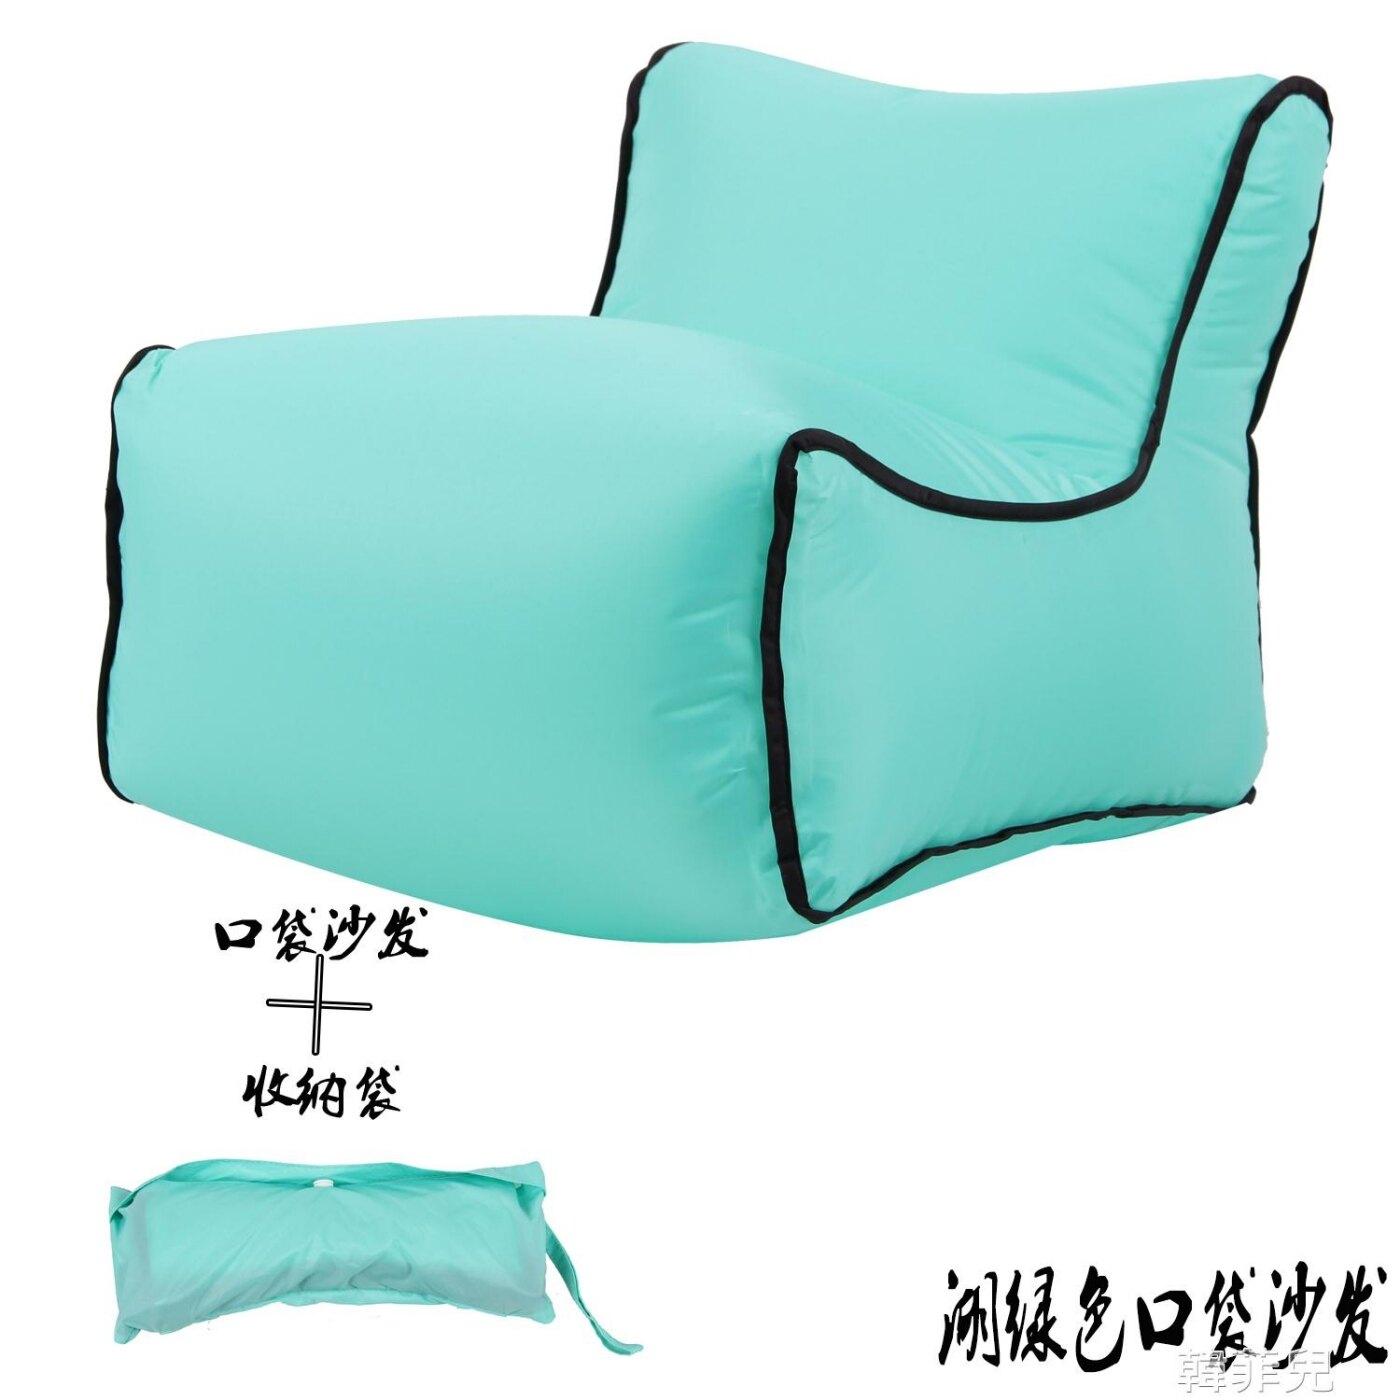 懶人沙發 抖音旅行空氣沙發網紅充氣躺椅懶人單人露營座椅戶外創意便攜椅子 MKS